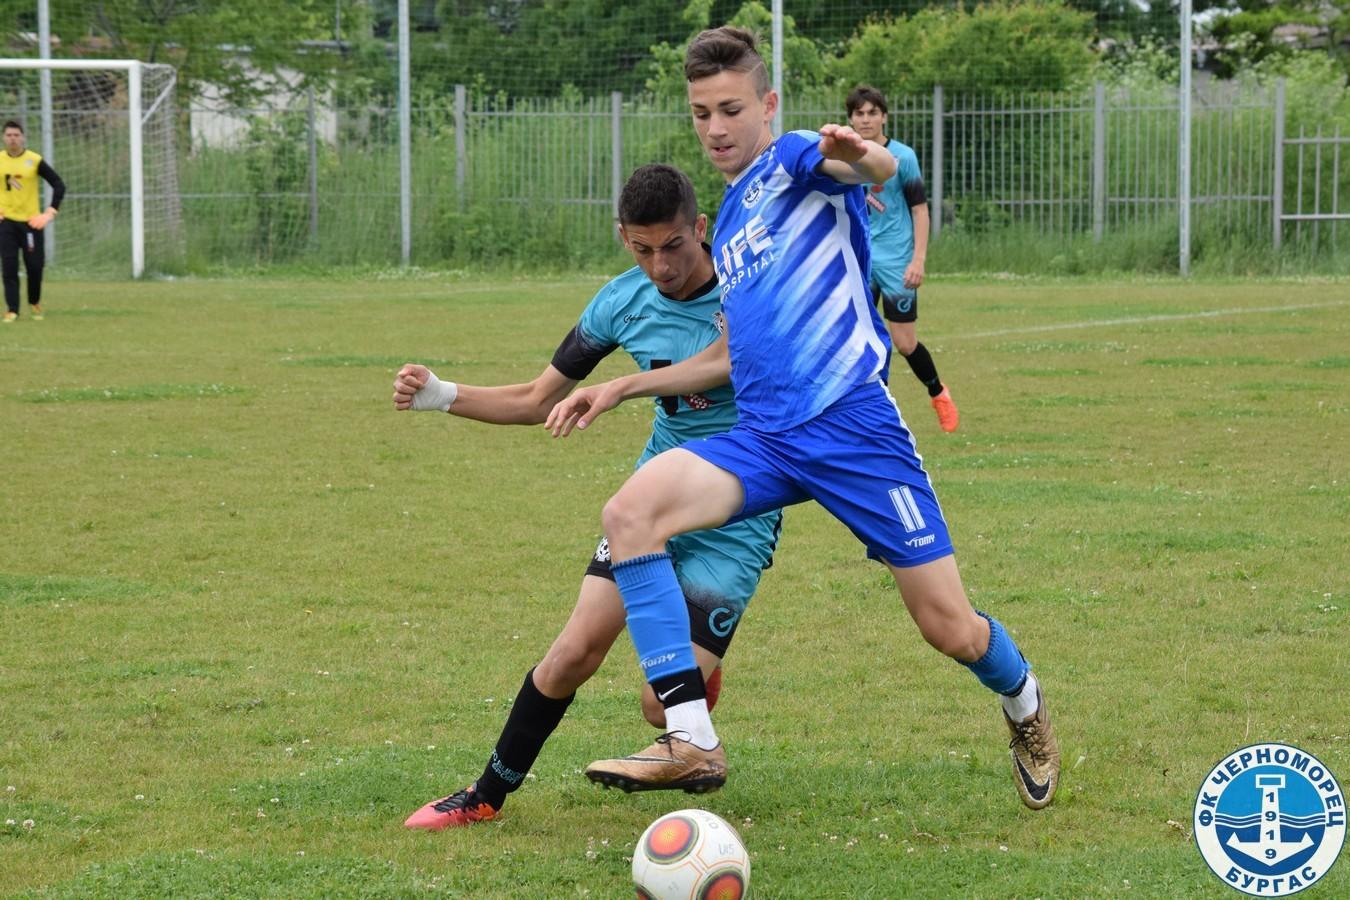 Черноморец U15 на Републиканско, след обрат над Бургас спорт